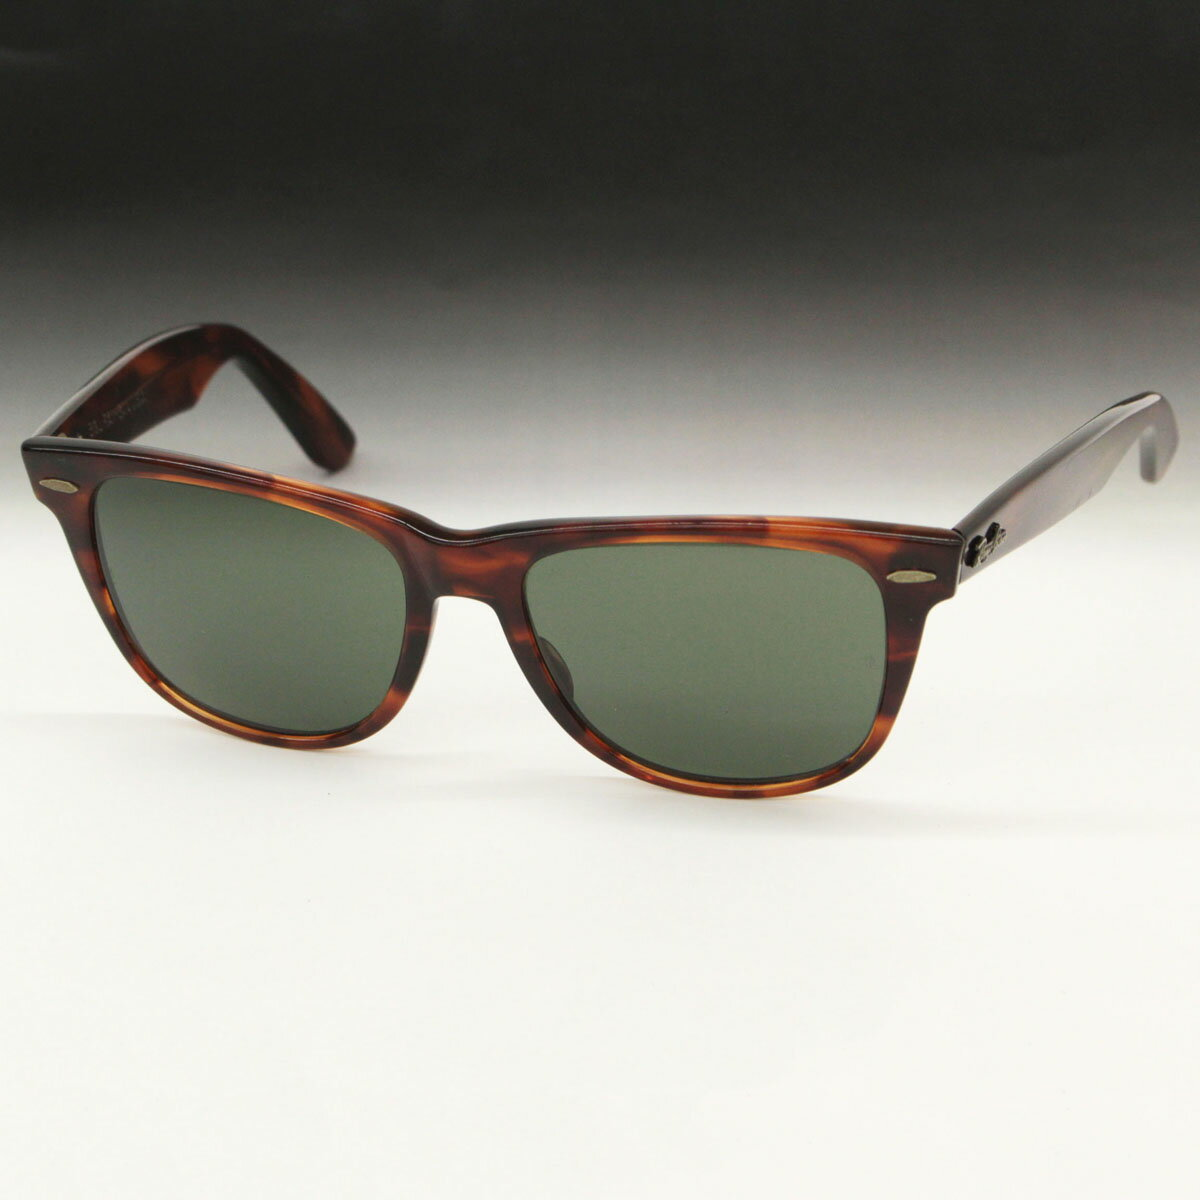 眼鏡・サングラス, サングラス Ray-Ban 2 L1725 brown BLUSA